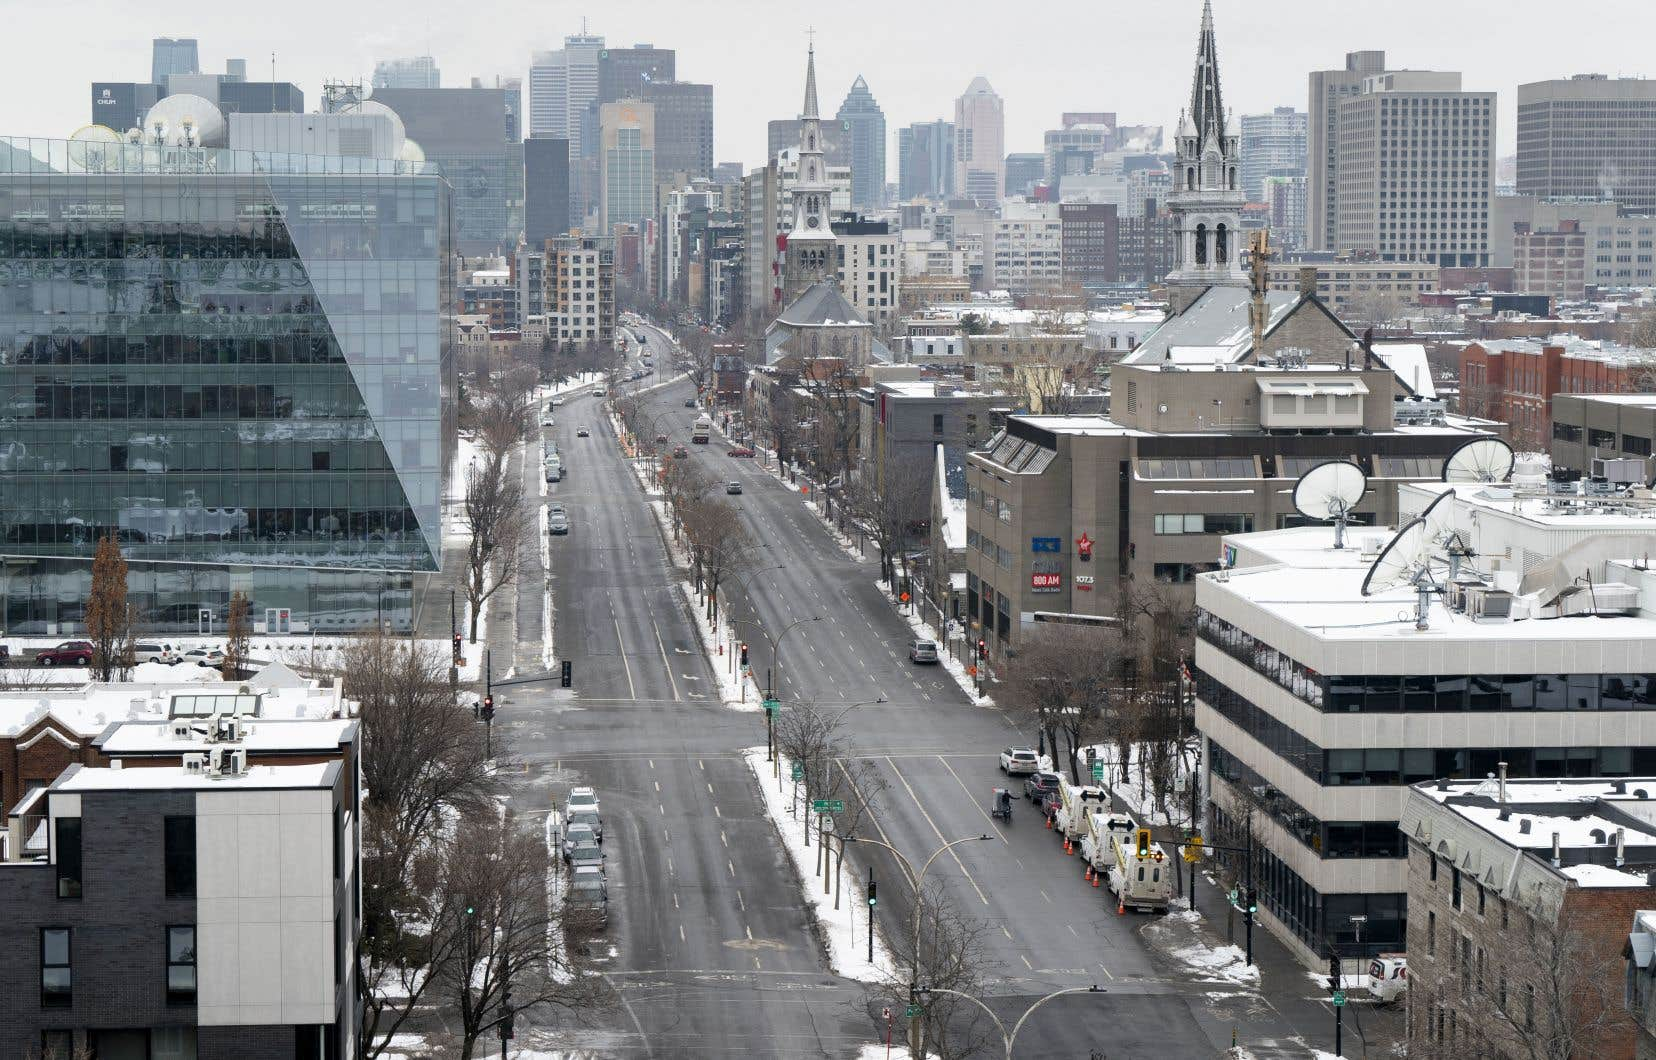 «La publication par CDPQ-Infra, la semaine dernière, des cinq principaux scénarios étudiés pour la desserte du centre-ville ne laisse plus de doute quant au fait que le REM de l'Est doit emprunter le boulevard René-Lévesque et qu'il ne peut le faire en souterrain», écrit l'auteur.